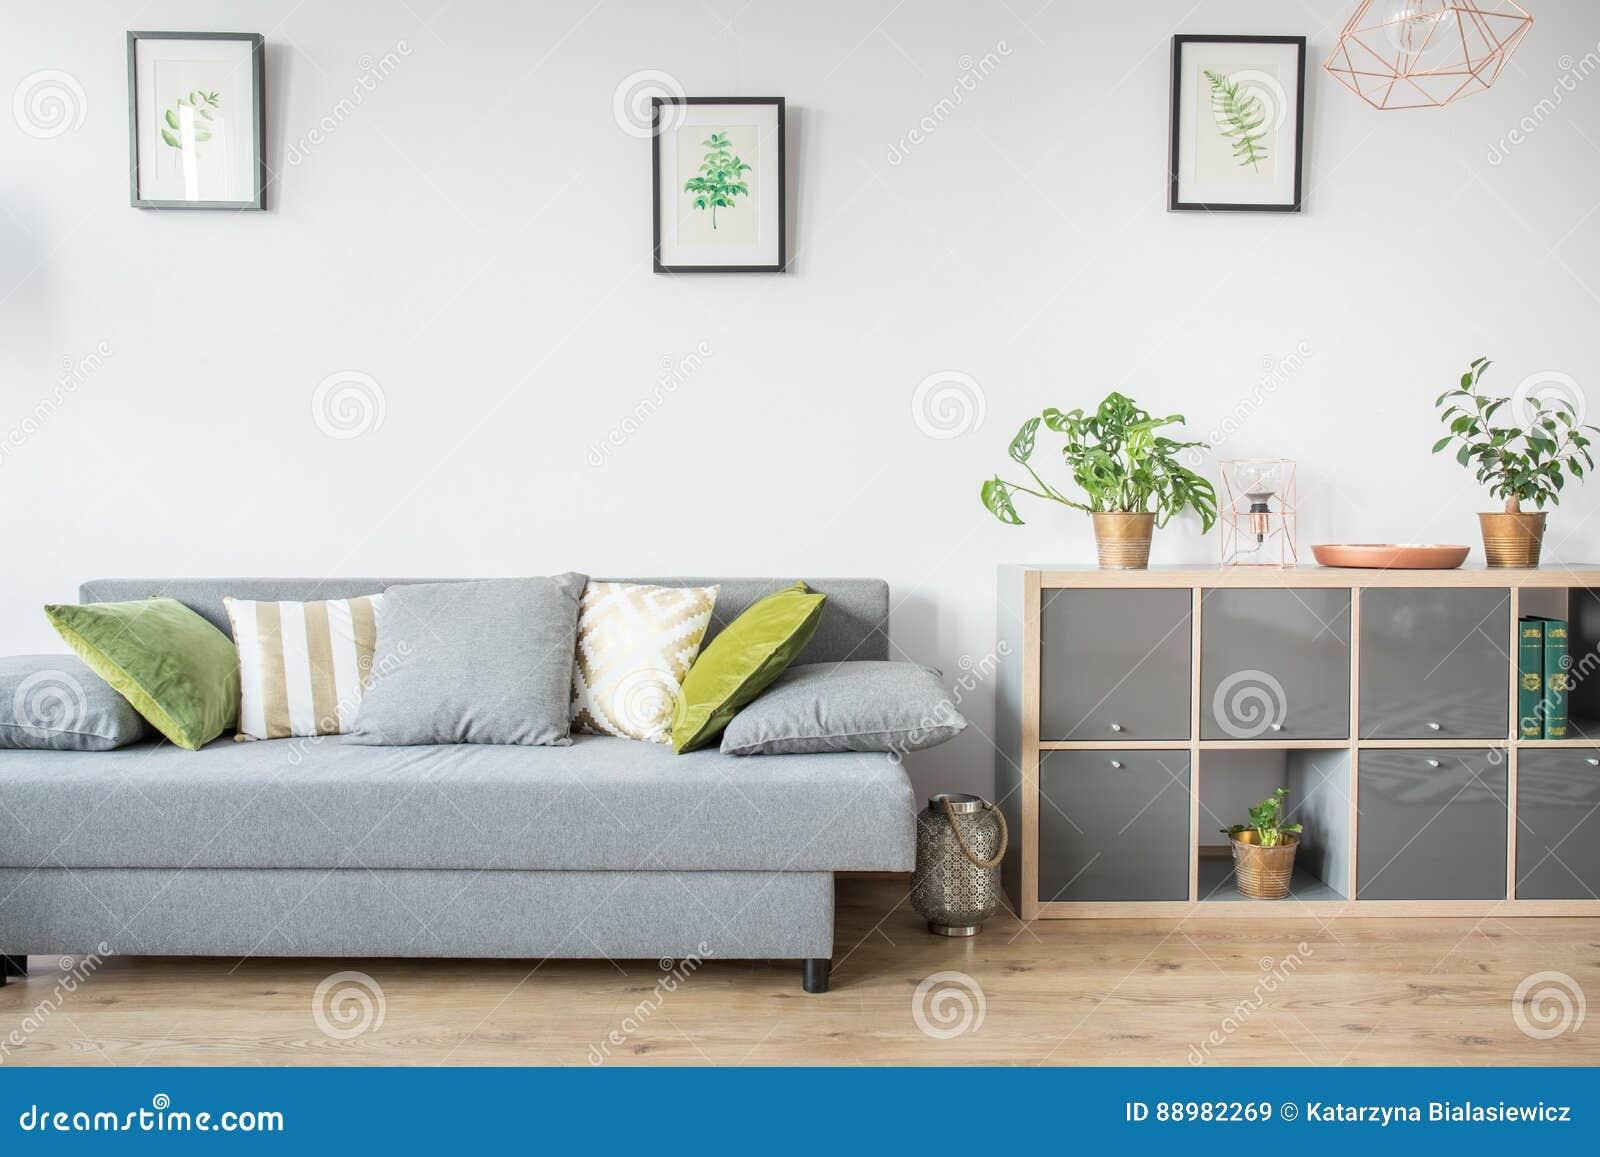 Woonkamer met grijze bank stock afbeelding. Afbeelding bestaande uit ...